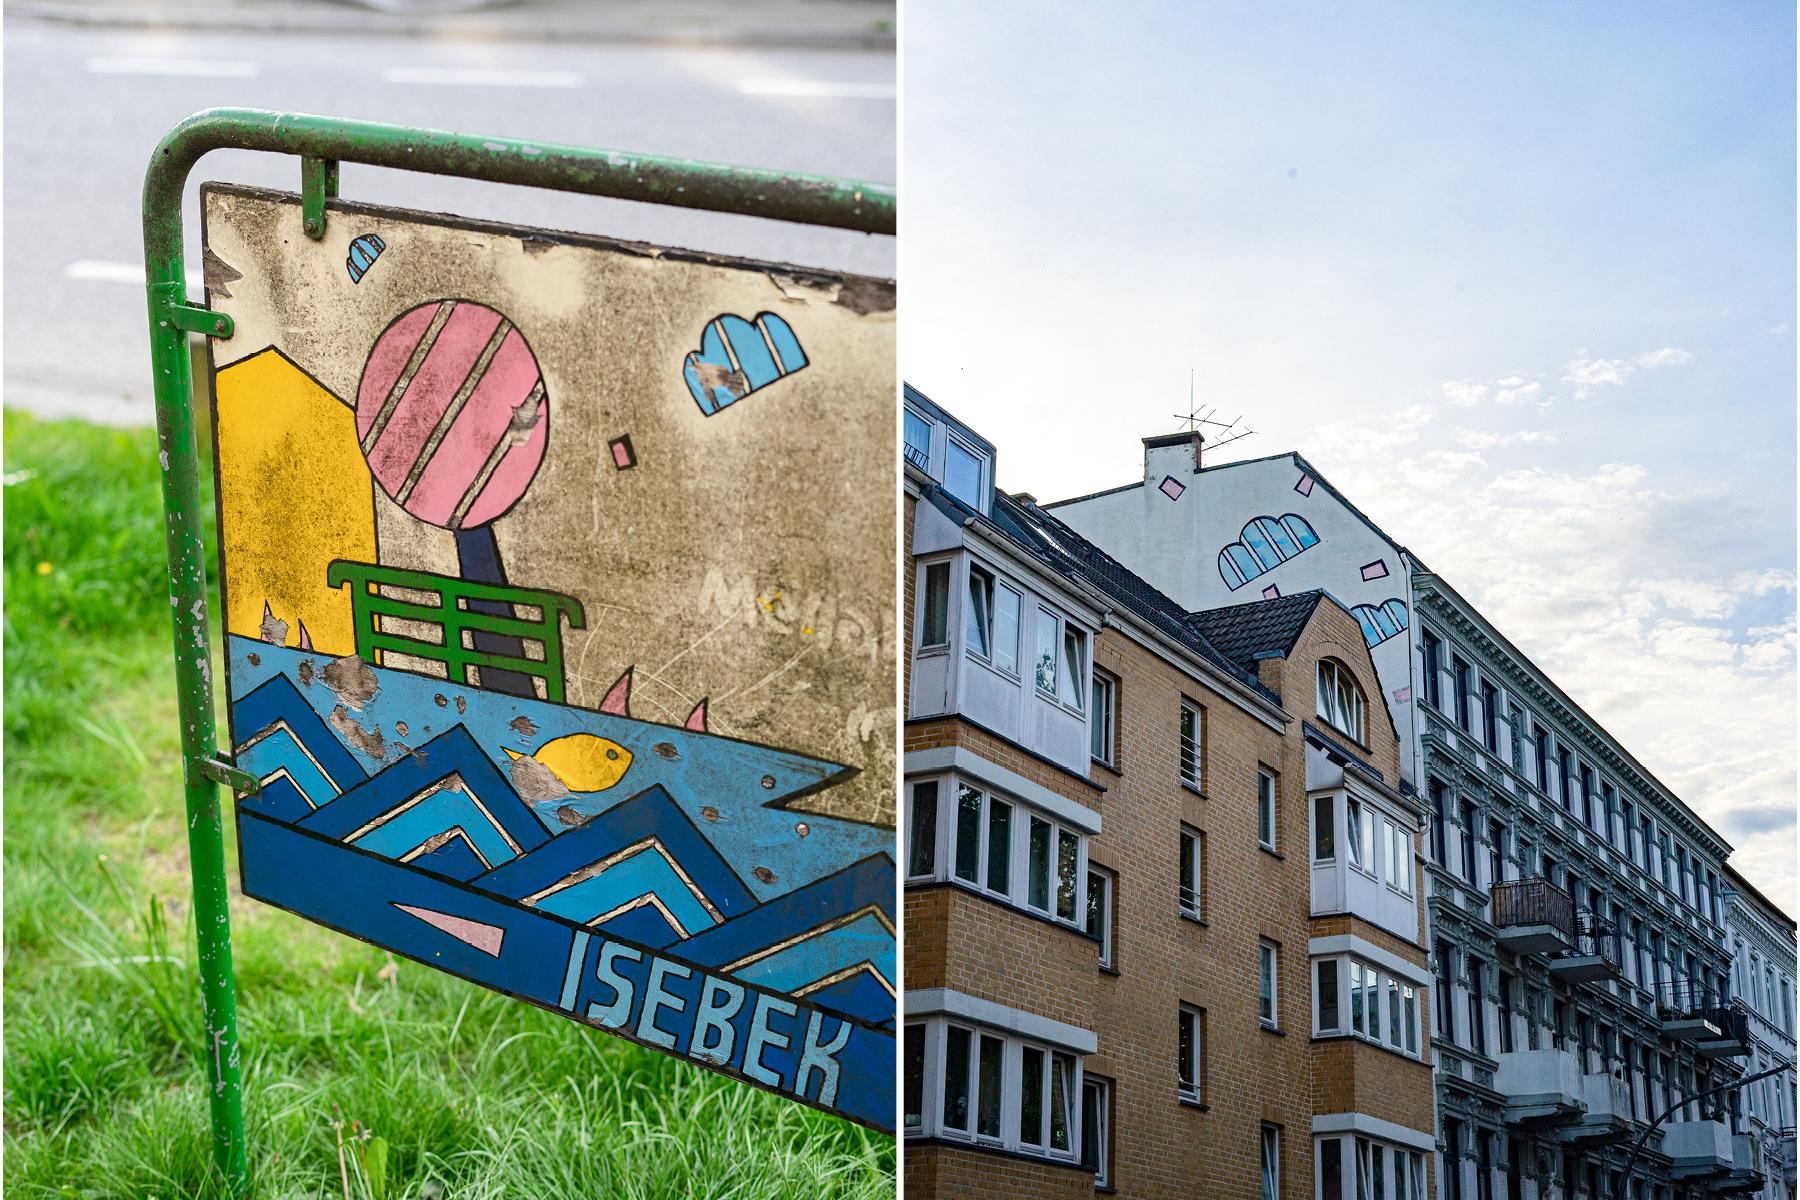 Hier floss die Isebek: Schild in der Eimsbütteler Straße Ecke Bellealliancestraße und Wandmalerei in der Vereinsstraße. Foto: Maya Habryka